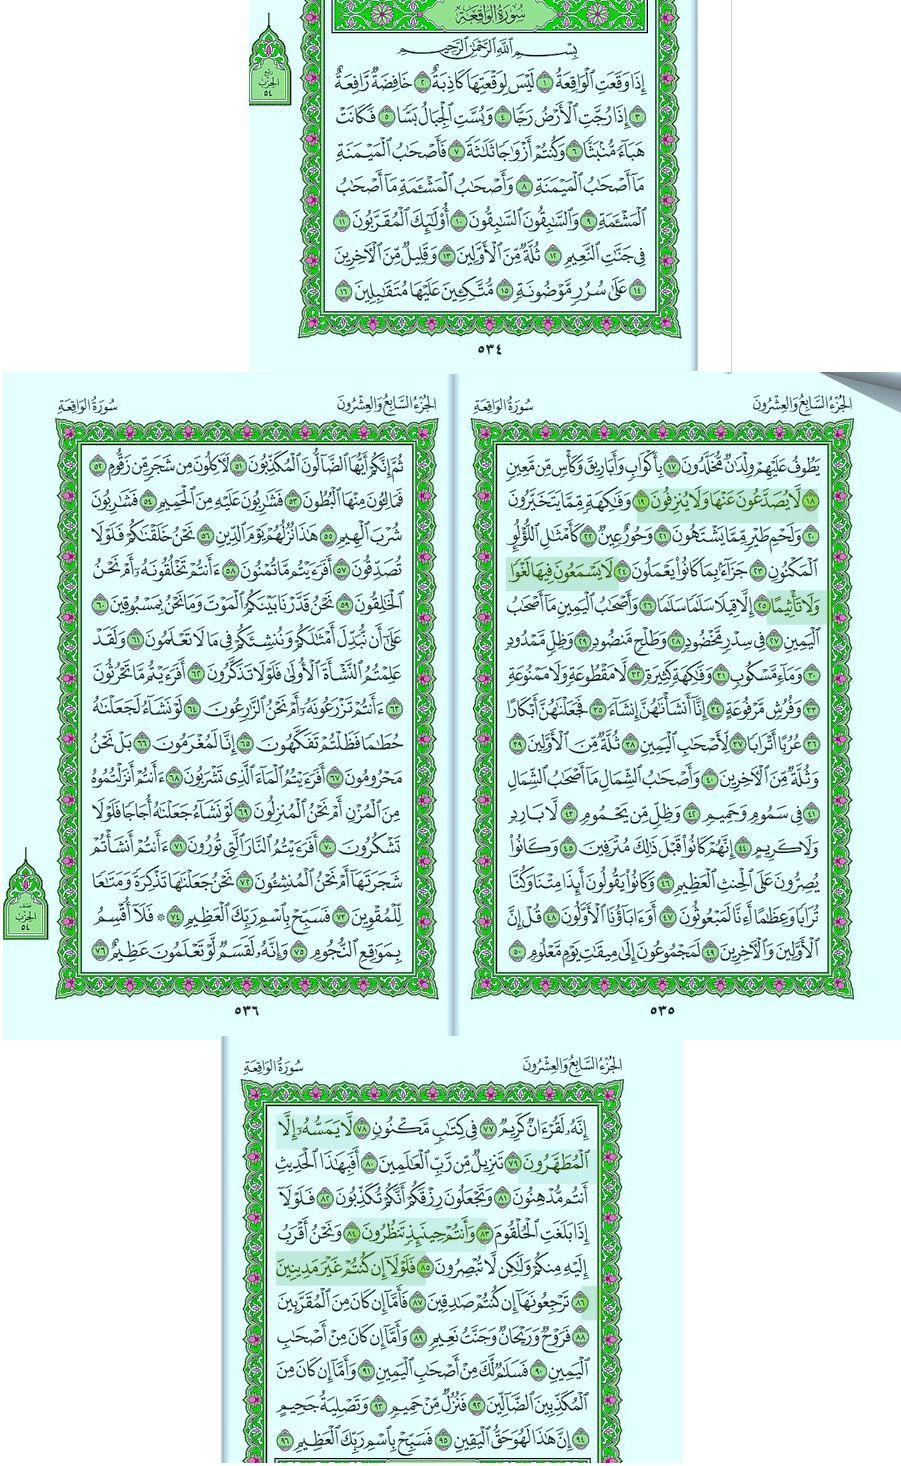 سورة الواقعة Quran Book Islam Facts Holy Quran Book